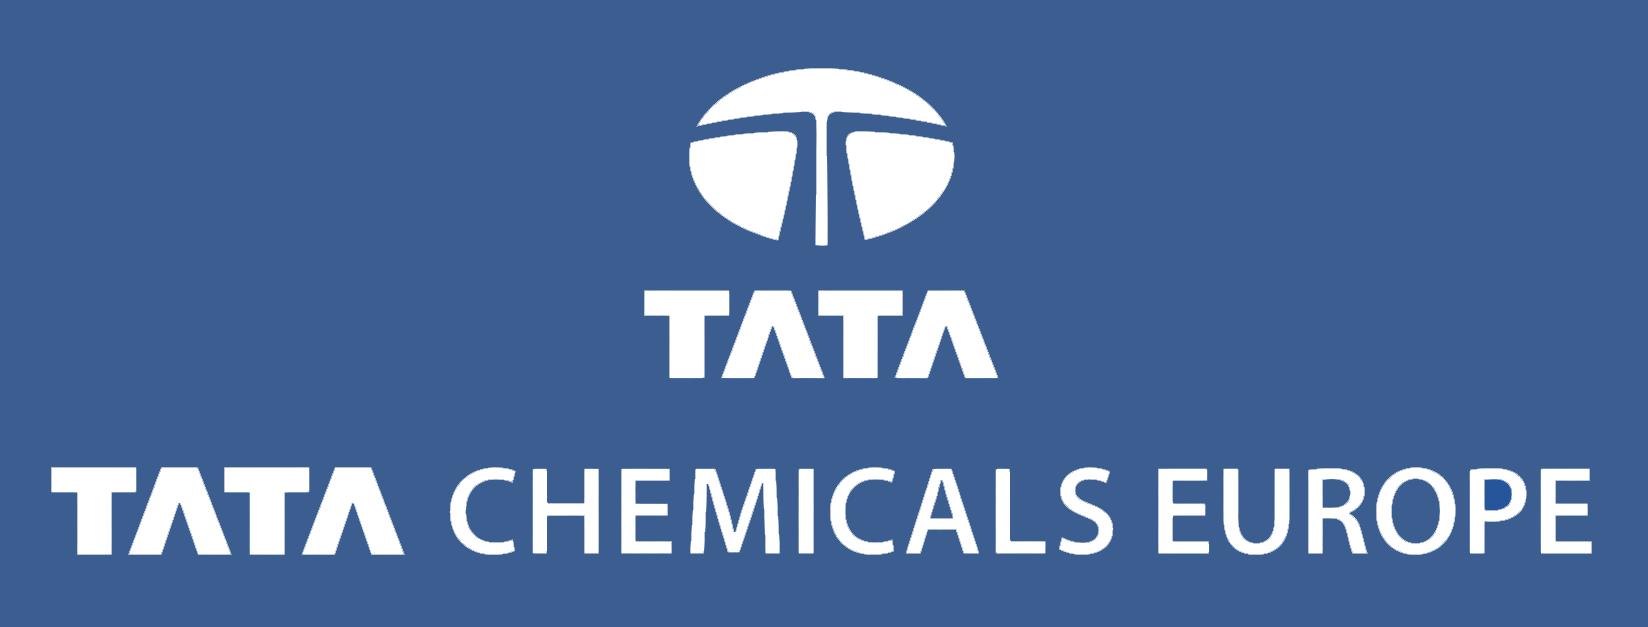 Tata Chemicals, İngiltere'nin İlk Endüstriyel Karbon Yakalama Tesisini Kurmayı Planlıyor